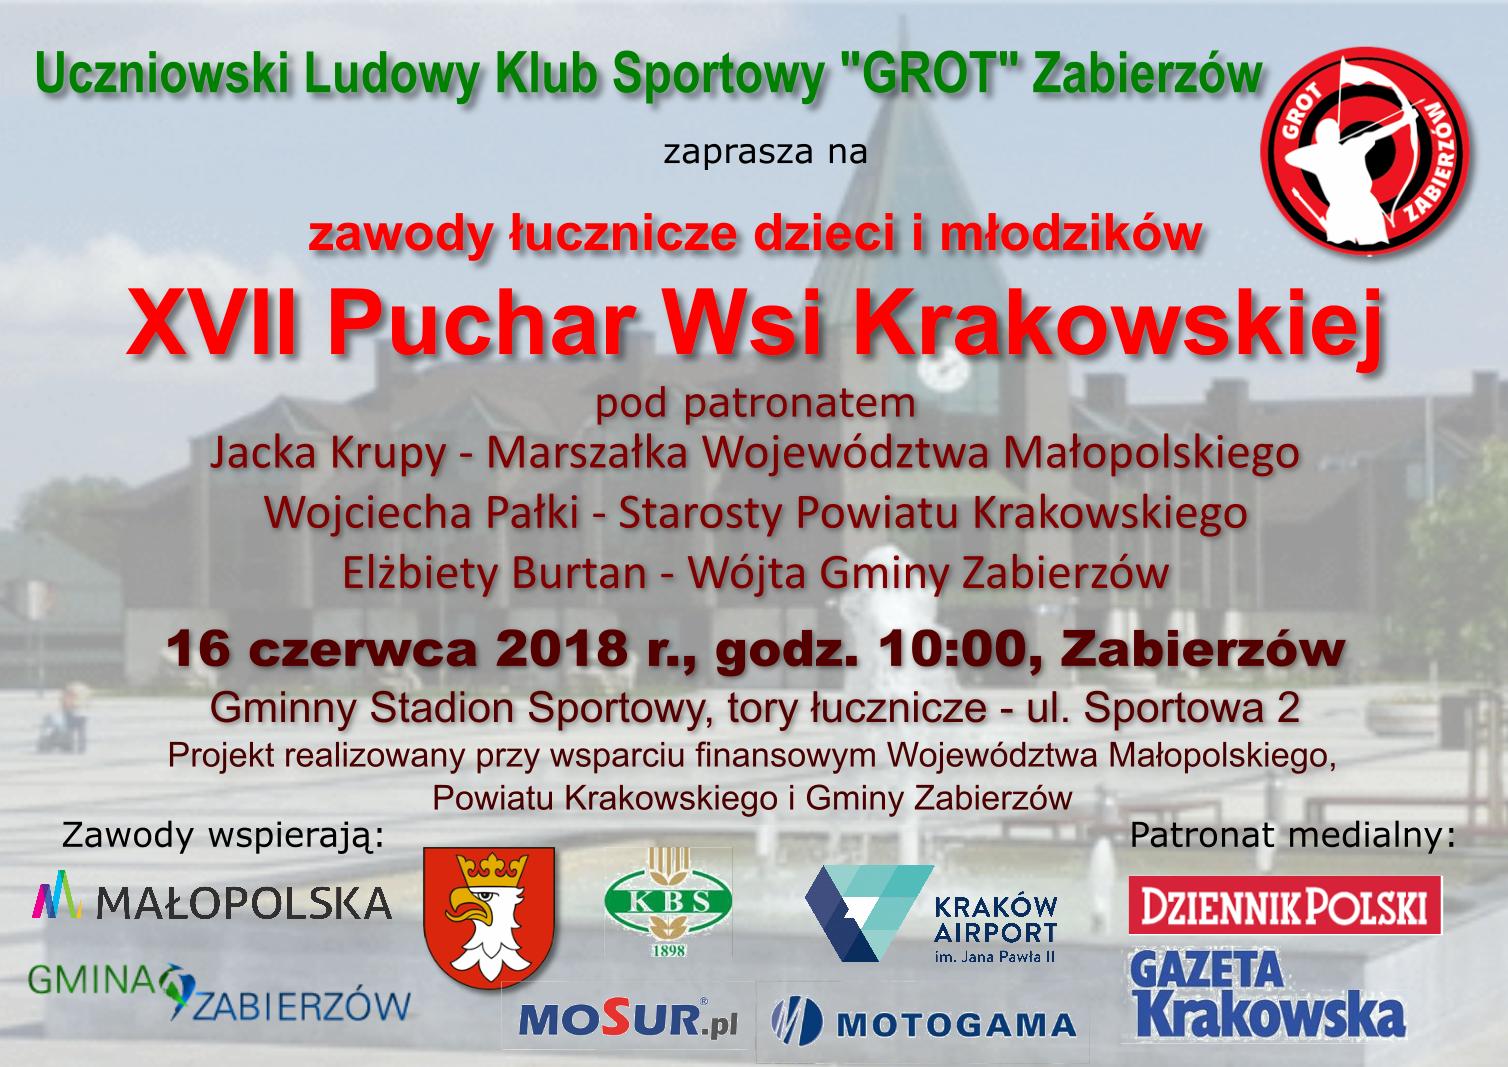 XVII Puchar Wsi Krakowskiej @ Gminny Stadion Sportowy | Zabierzów | małopolskie | Polska